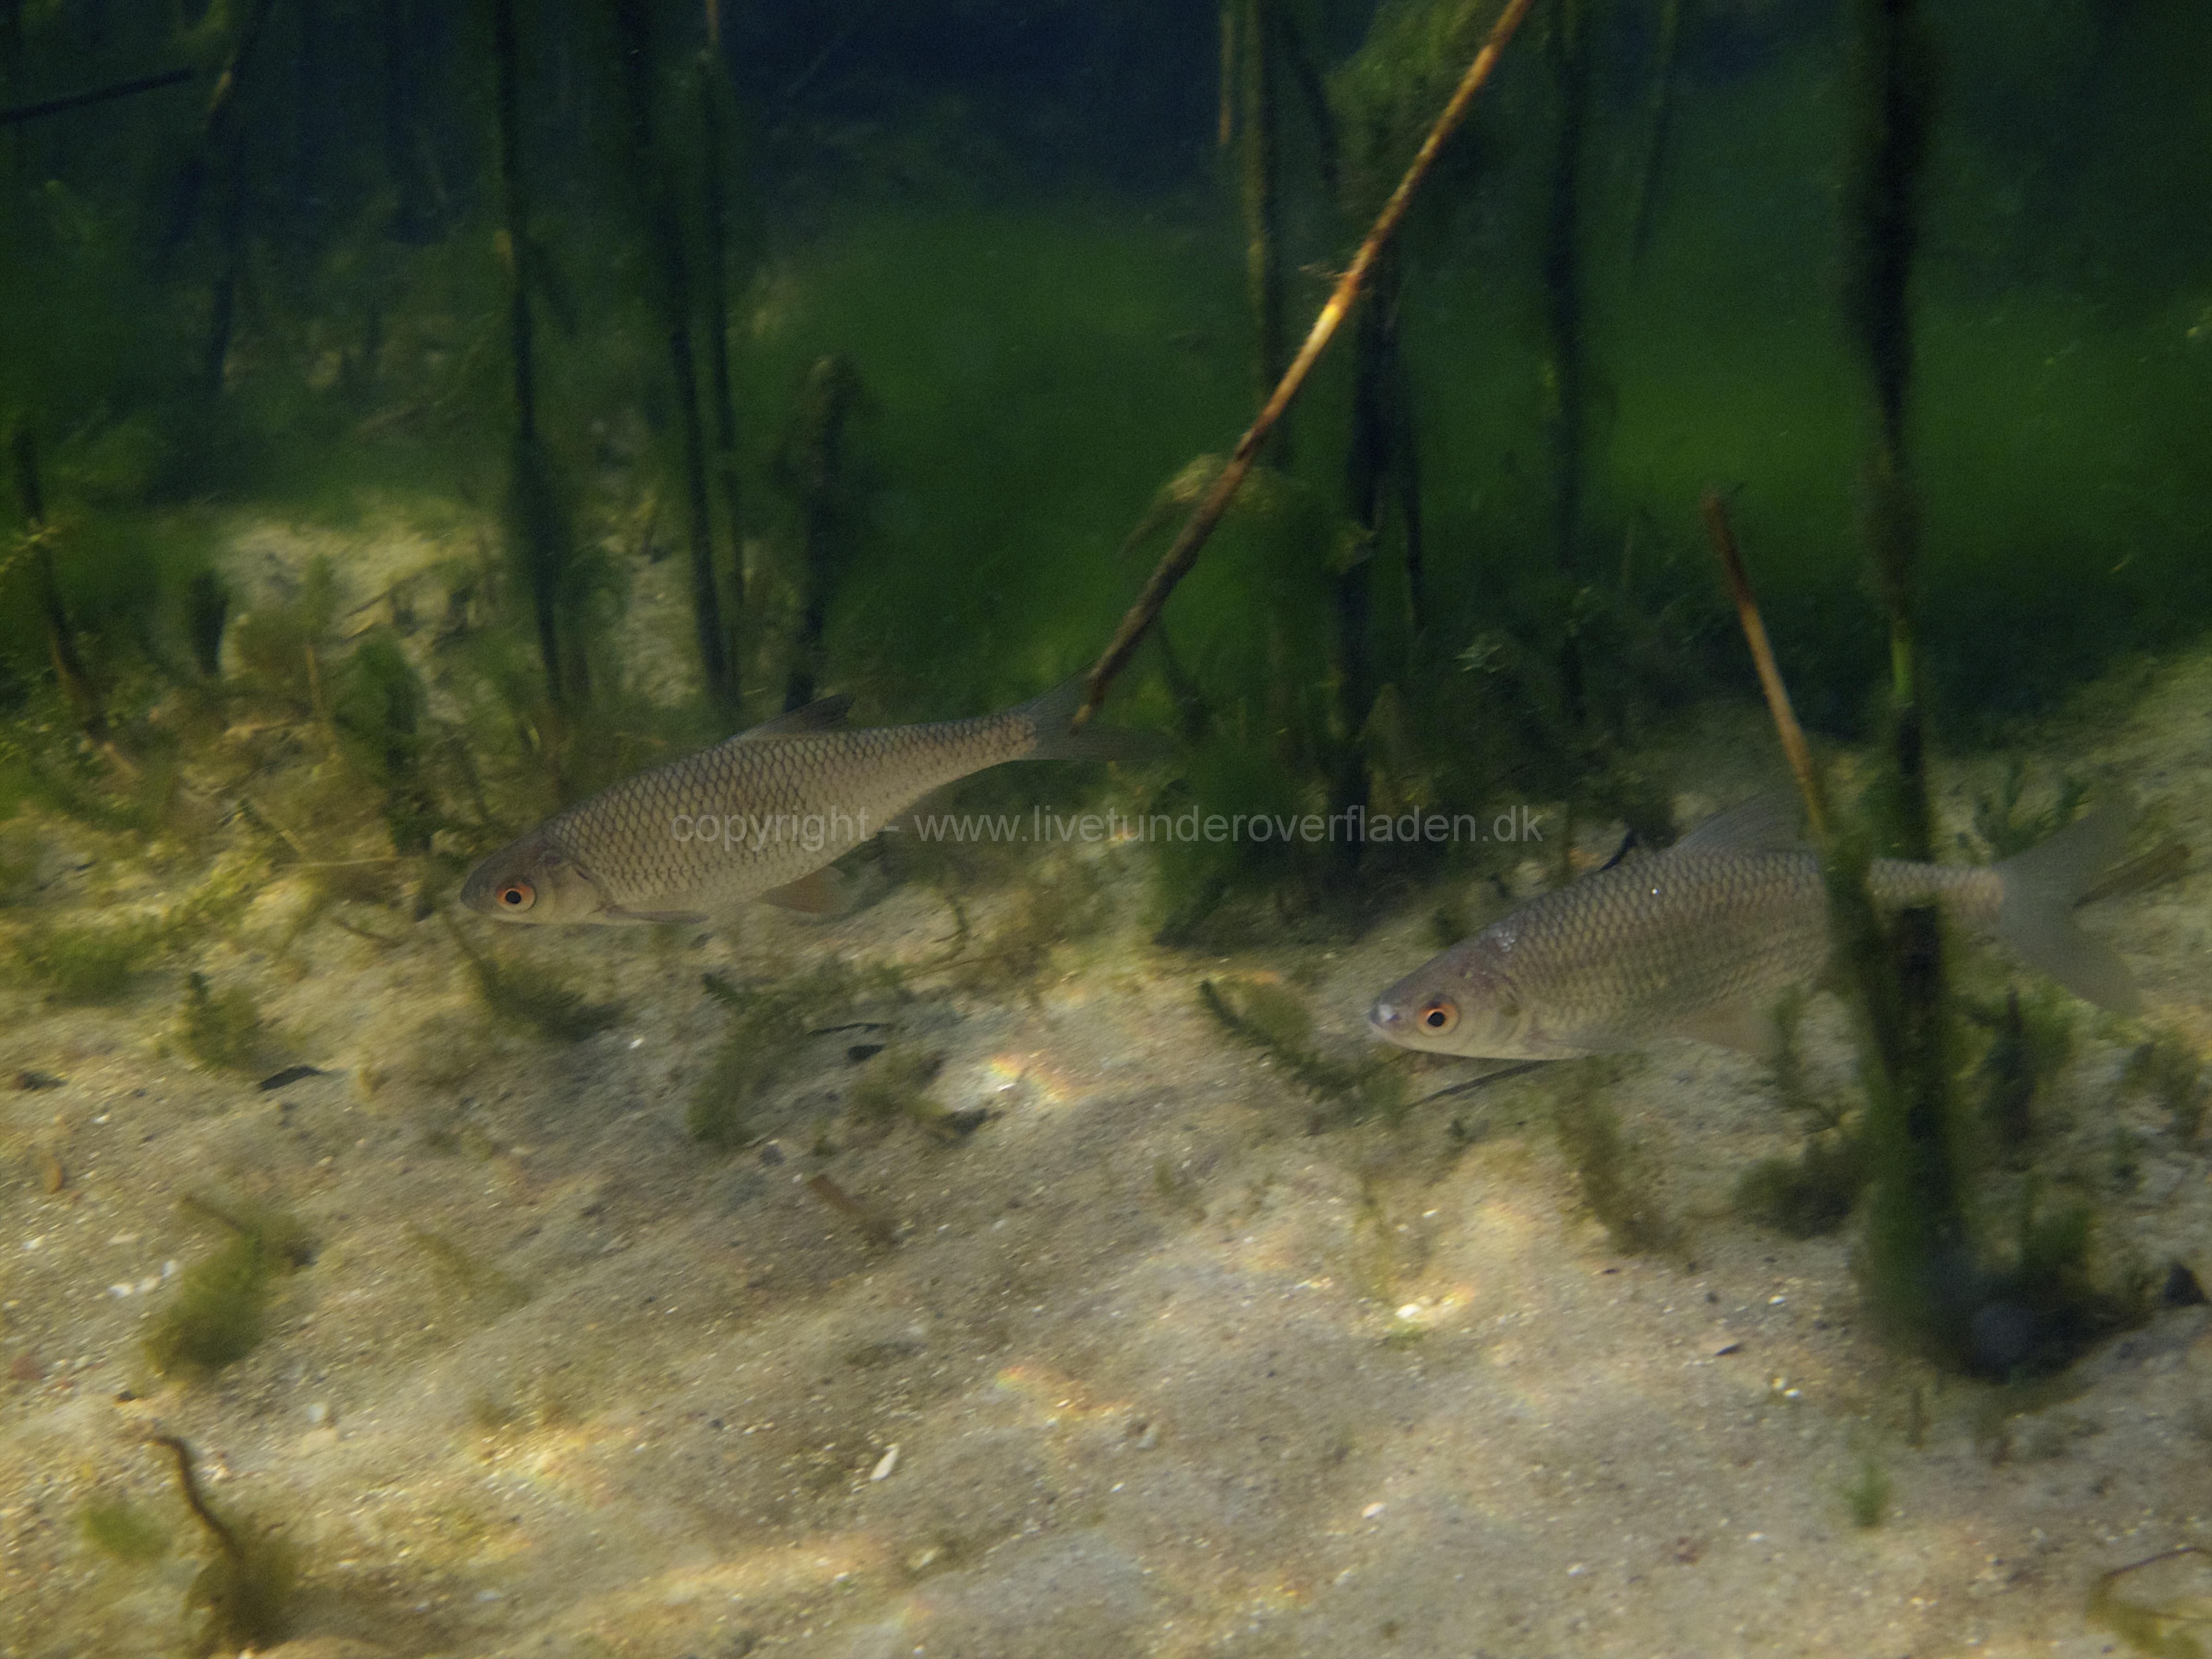 Freshwater habitat_Martin_Kielland 19